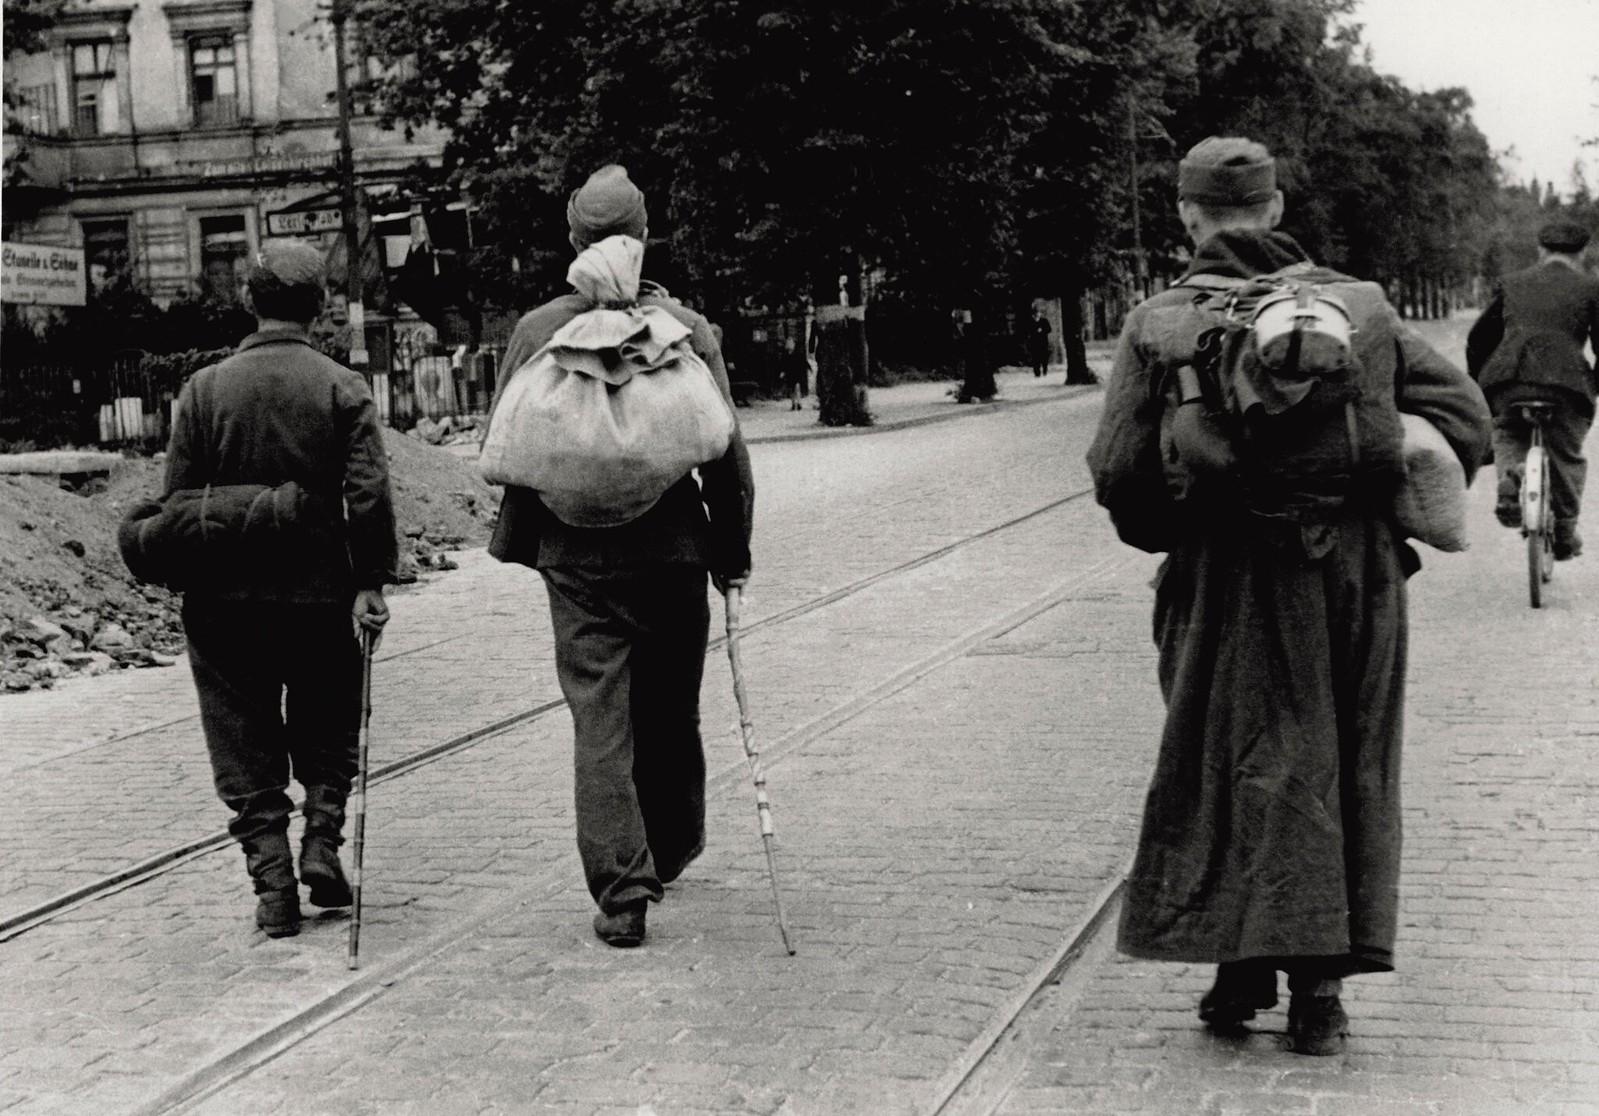 03. По почти безлюдной улице Берлина трое бывших солдат идут домой